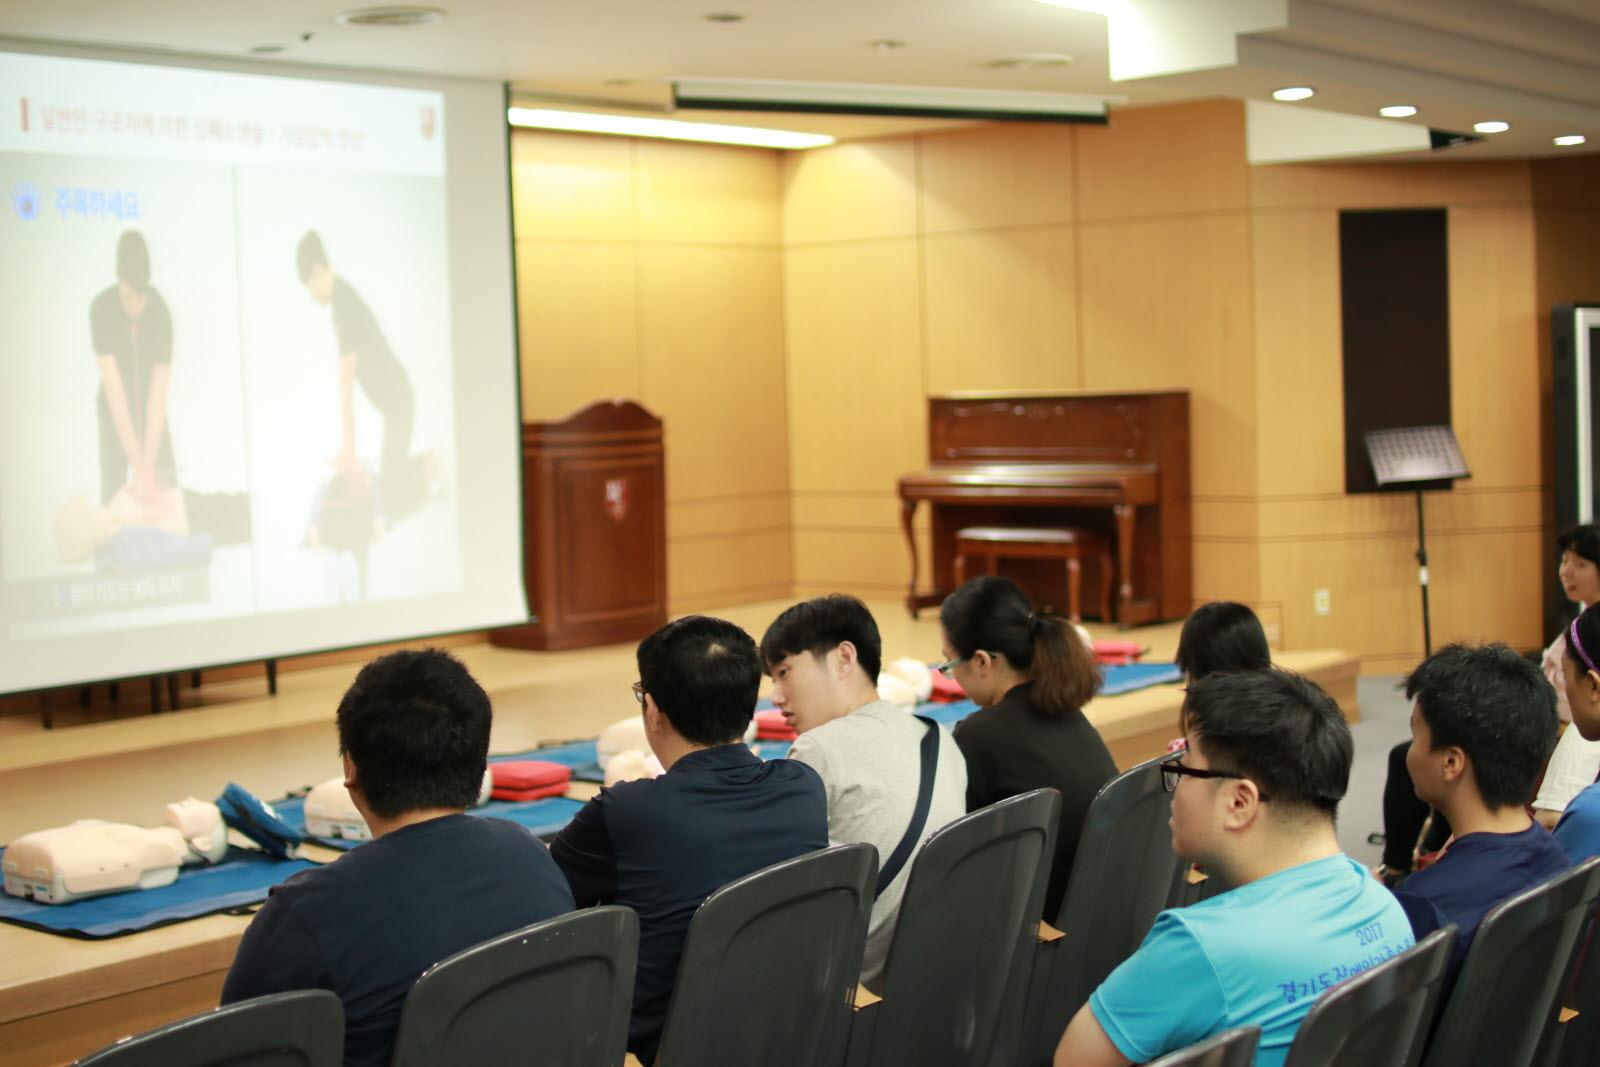 안전교육 받고 있는 단체사진